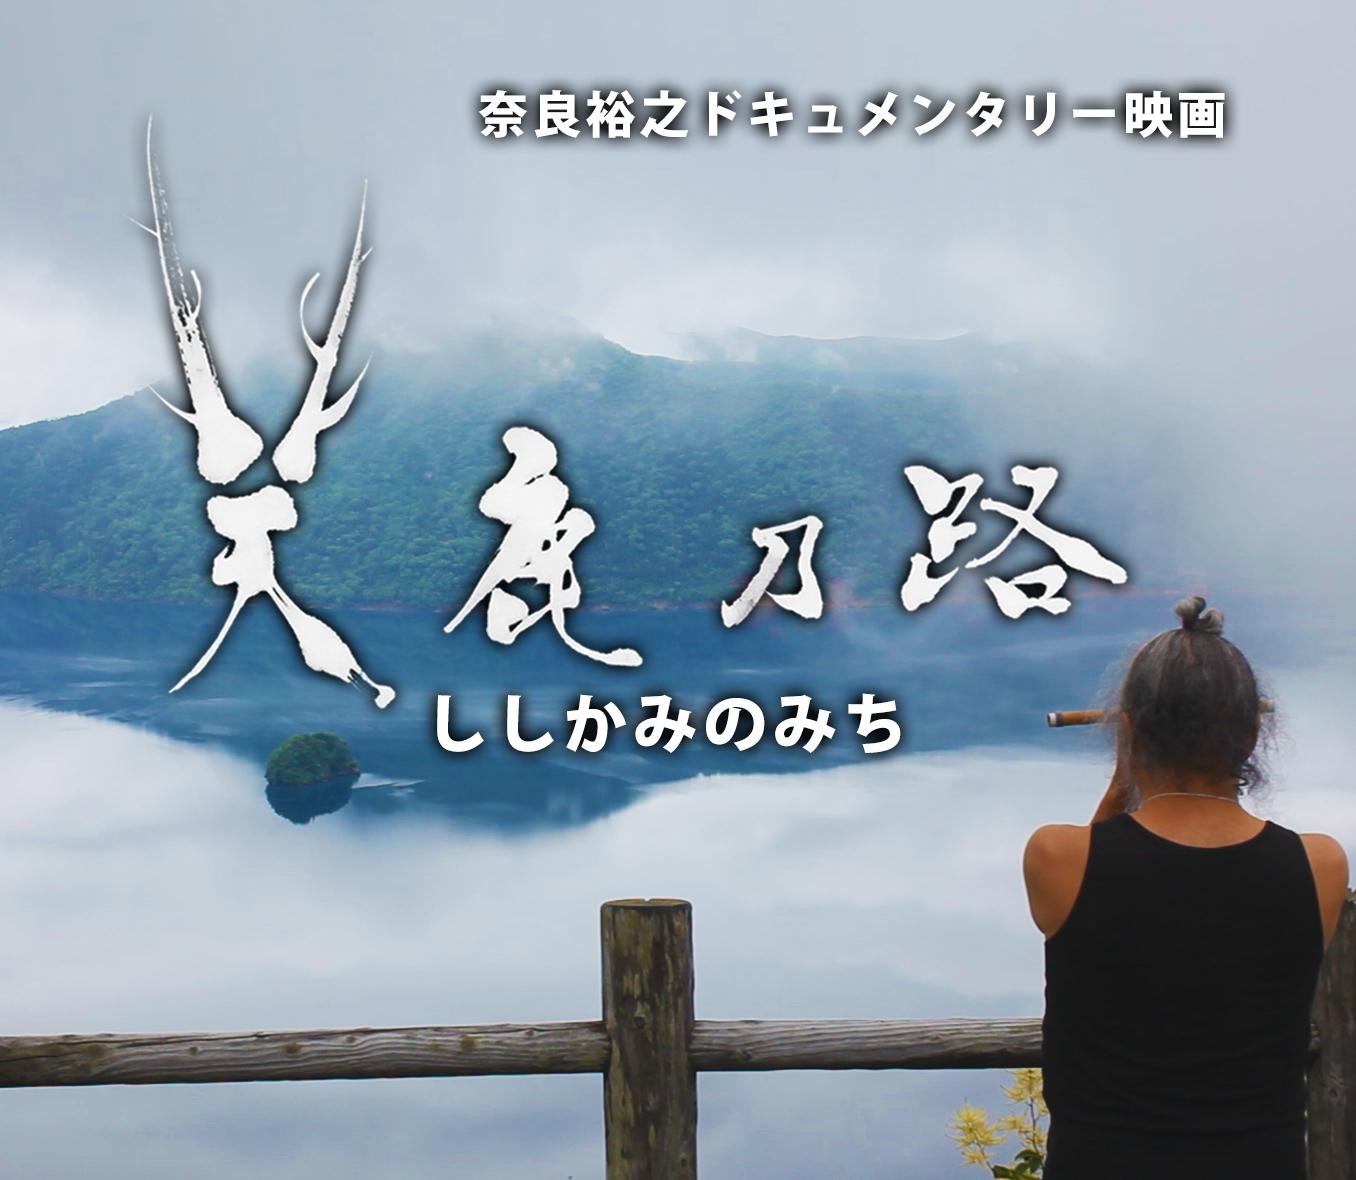 4.3東京・映画『天鹿乃路(ししかみのみち)』前売券